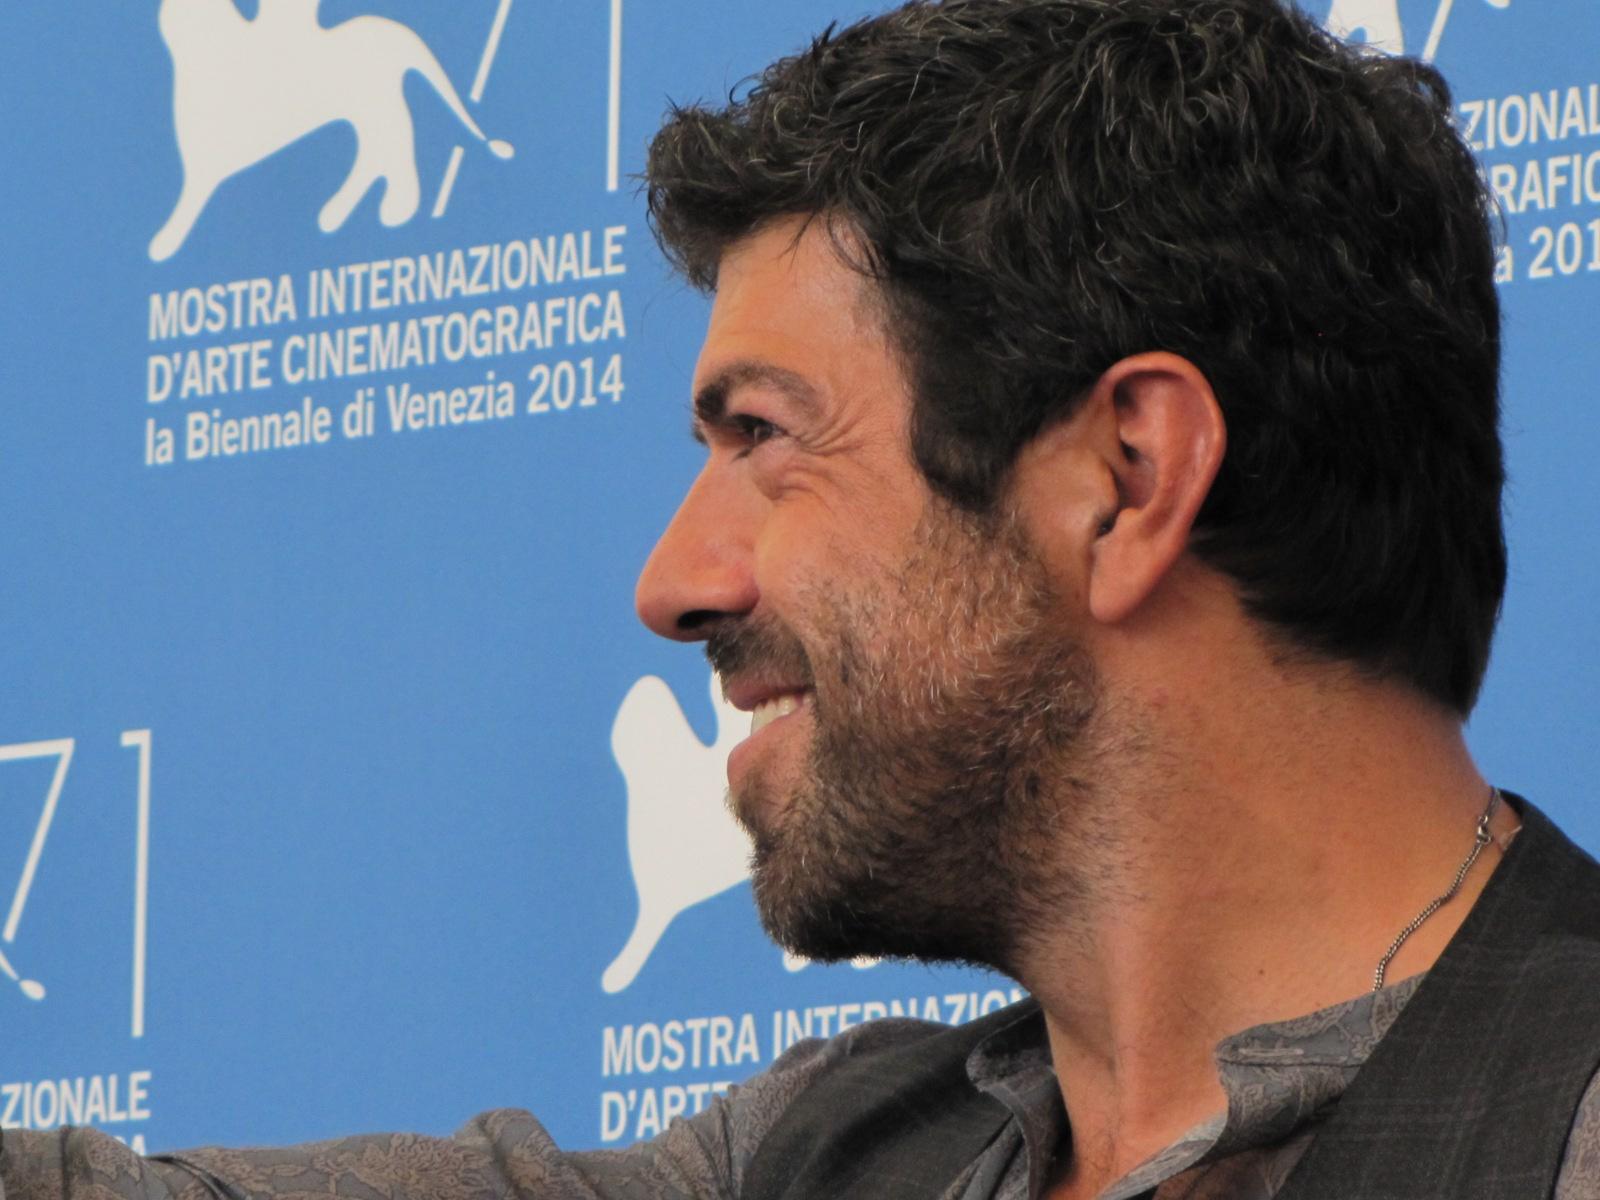 Senza nessuna pietà a Venezia 2014 - Favino è il protagonista del film